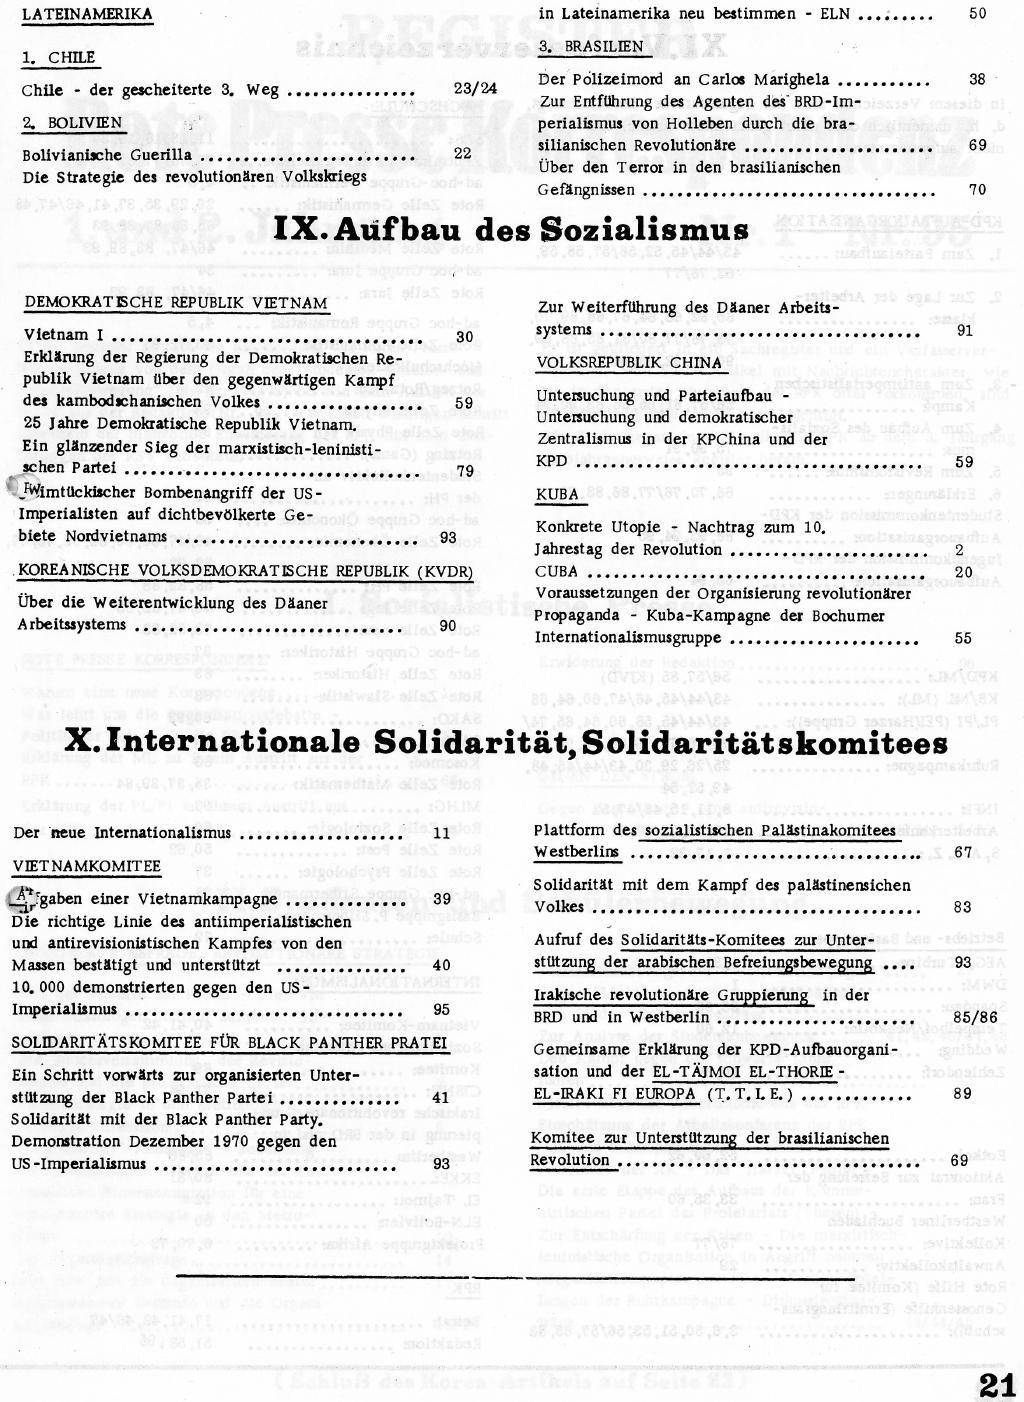 RPK_Register_1970_1971_09